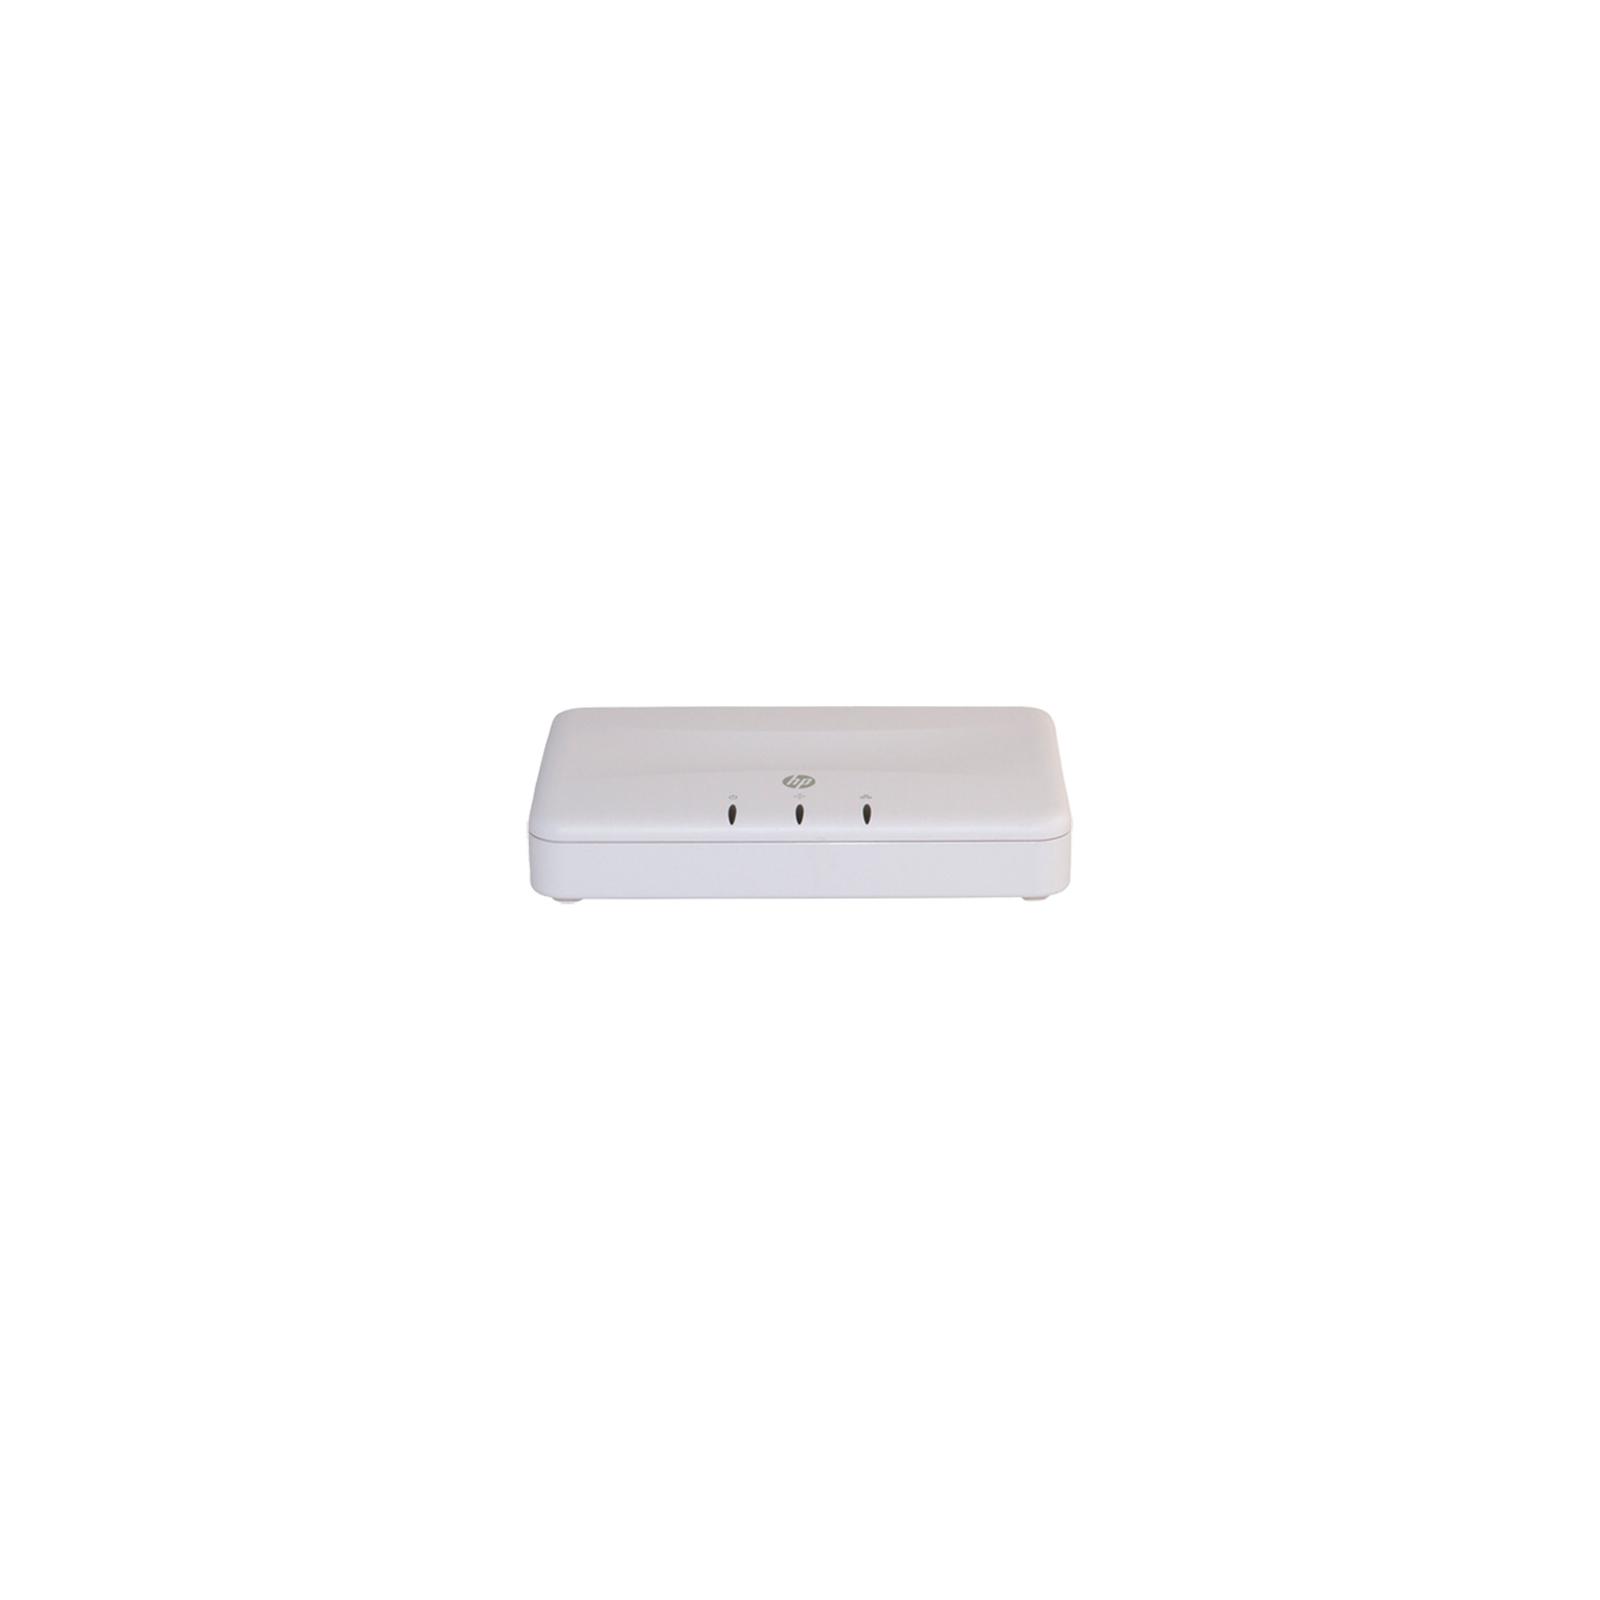 Точка доступа Wi-Fi HP M220 (J9799A) изображение 2